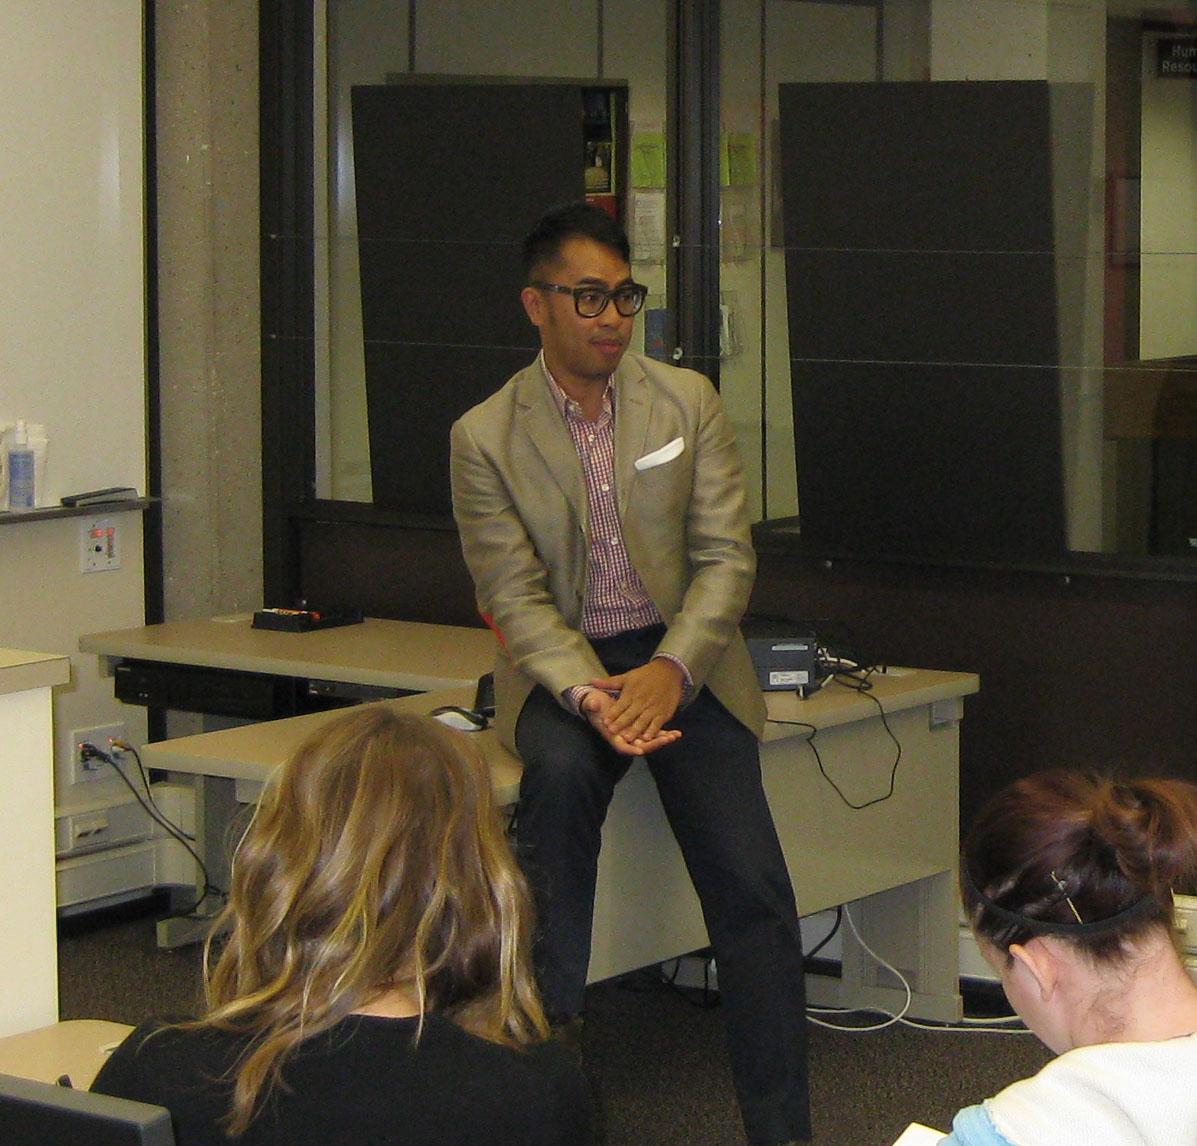 Reggie Reyes, Guest Speaker